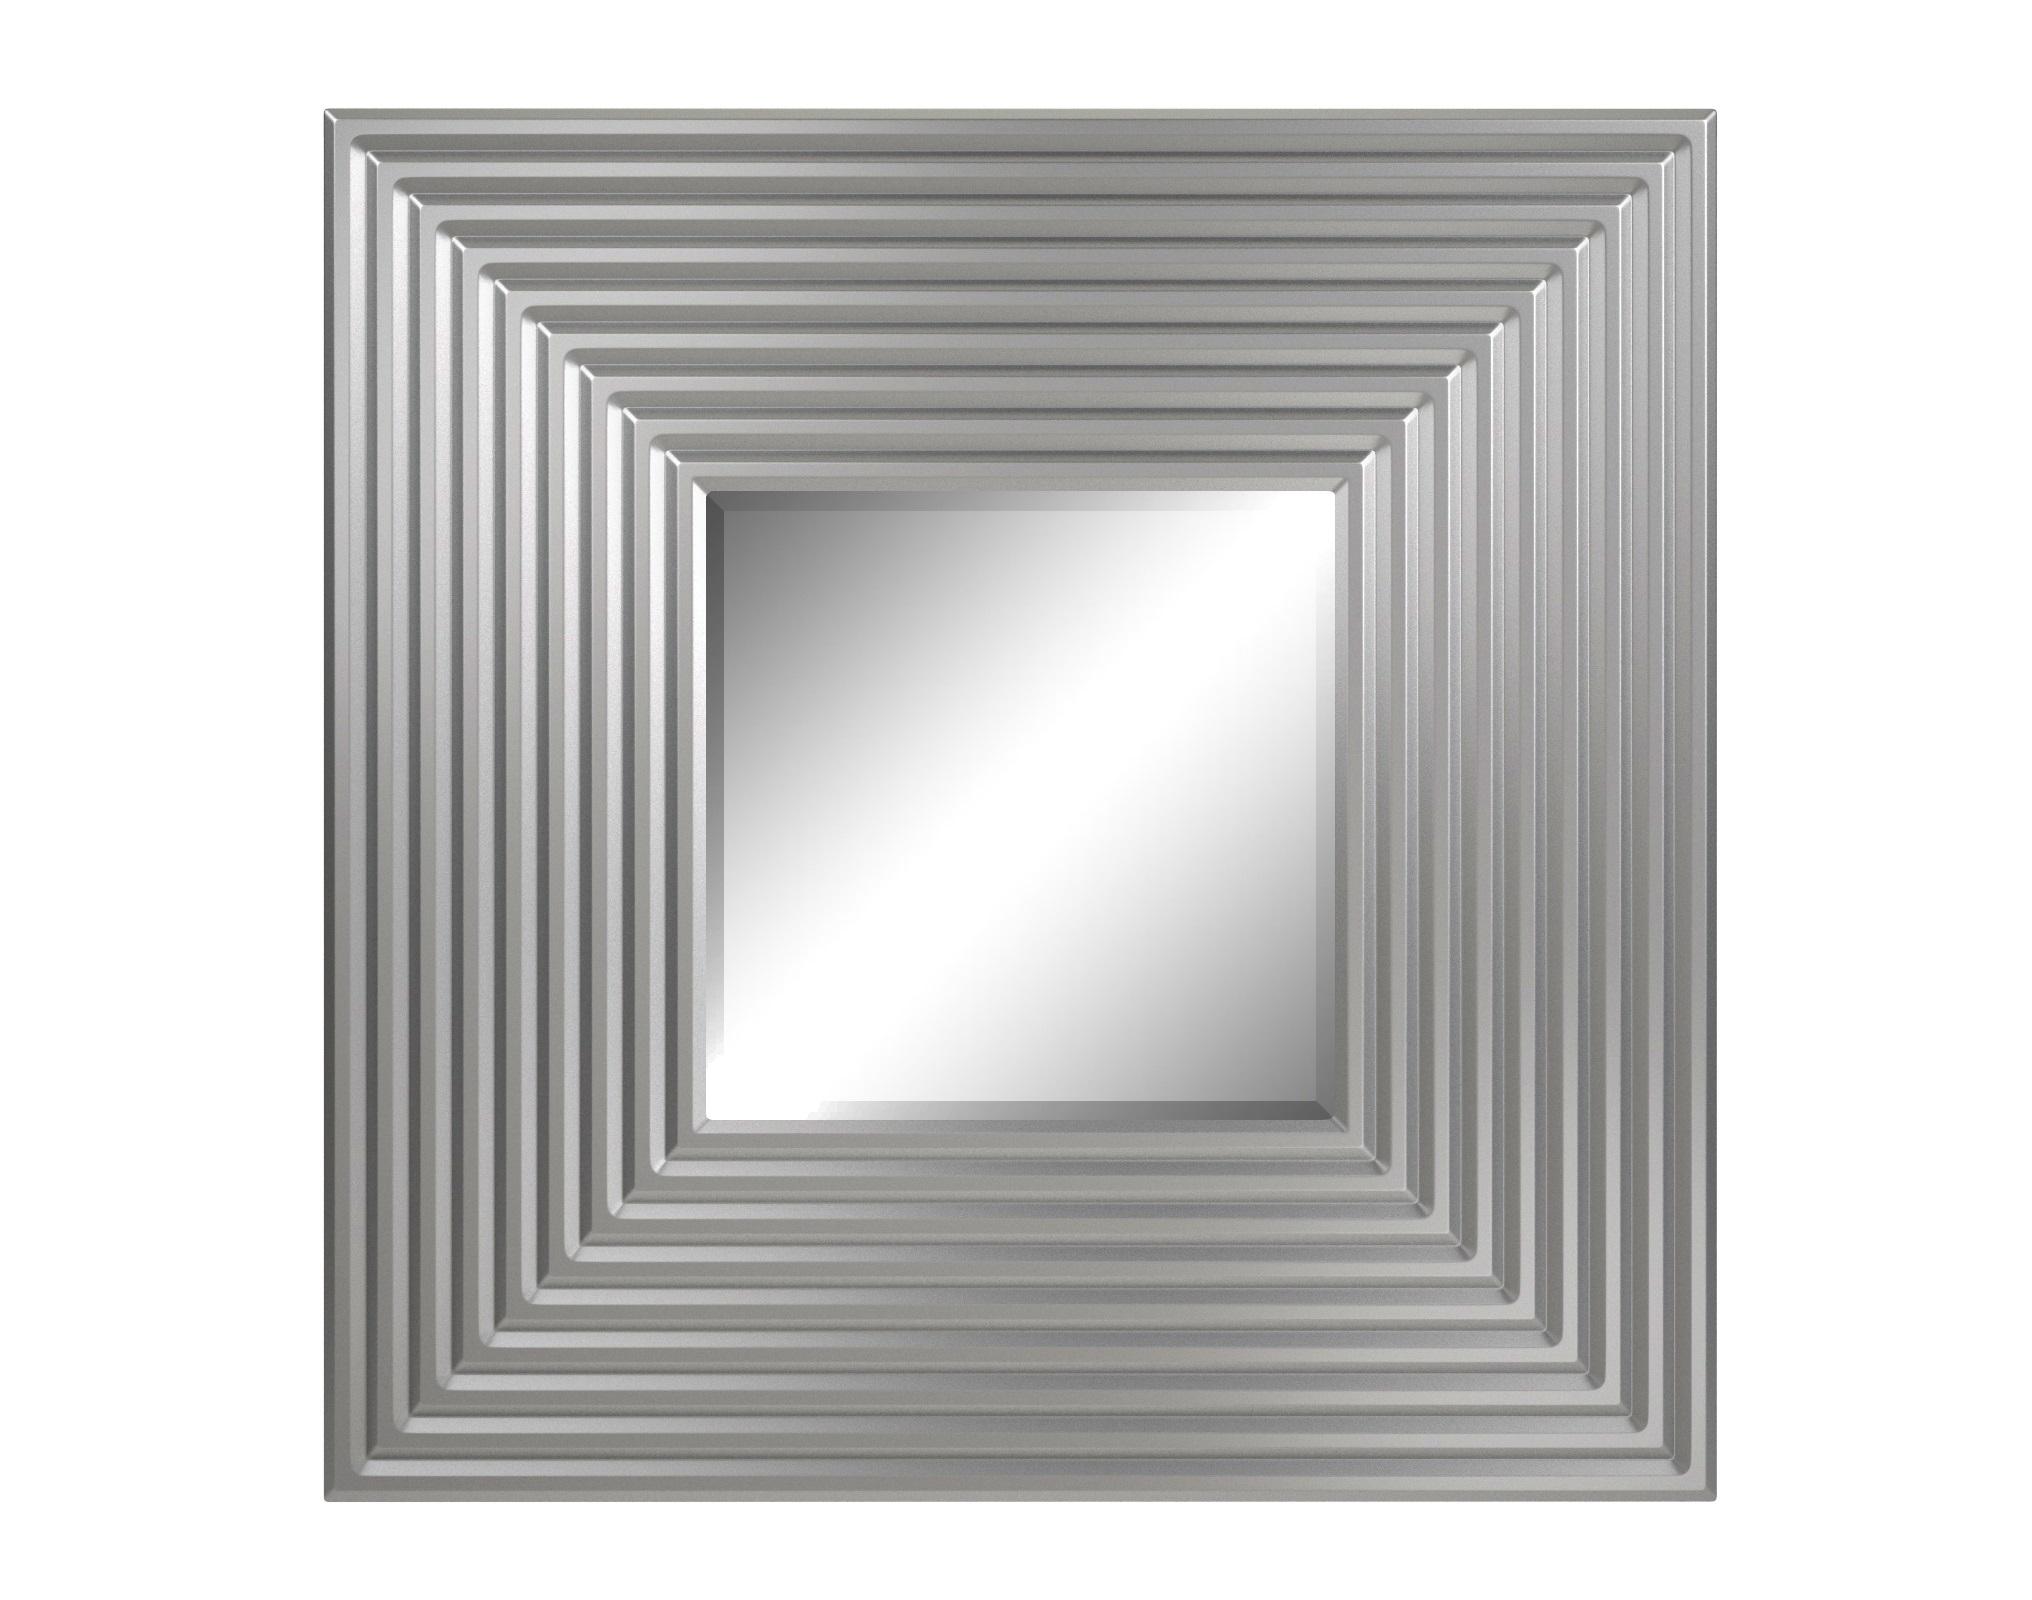 Зеркало Ambicioni 15437930 от thefurnish